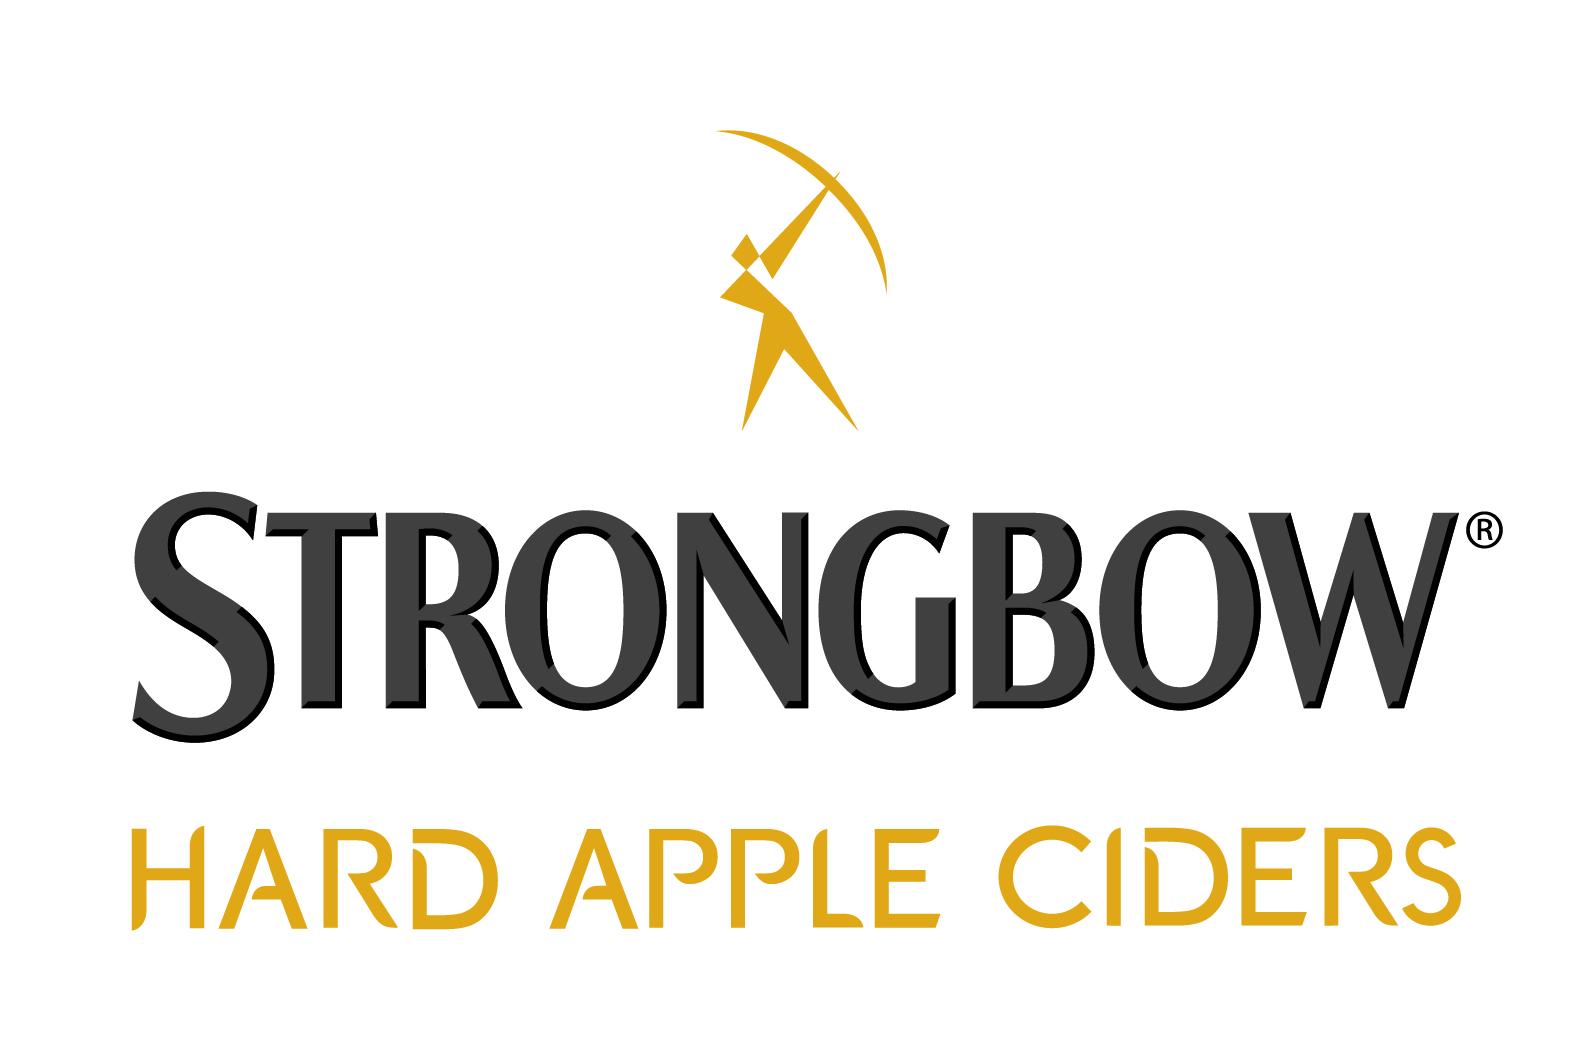 Strongbow_Gold_Logo_Full_Color_Reversed.jpg